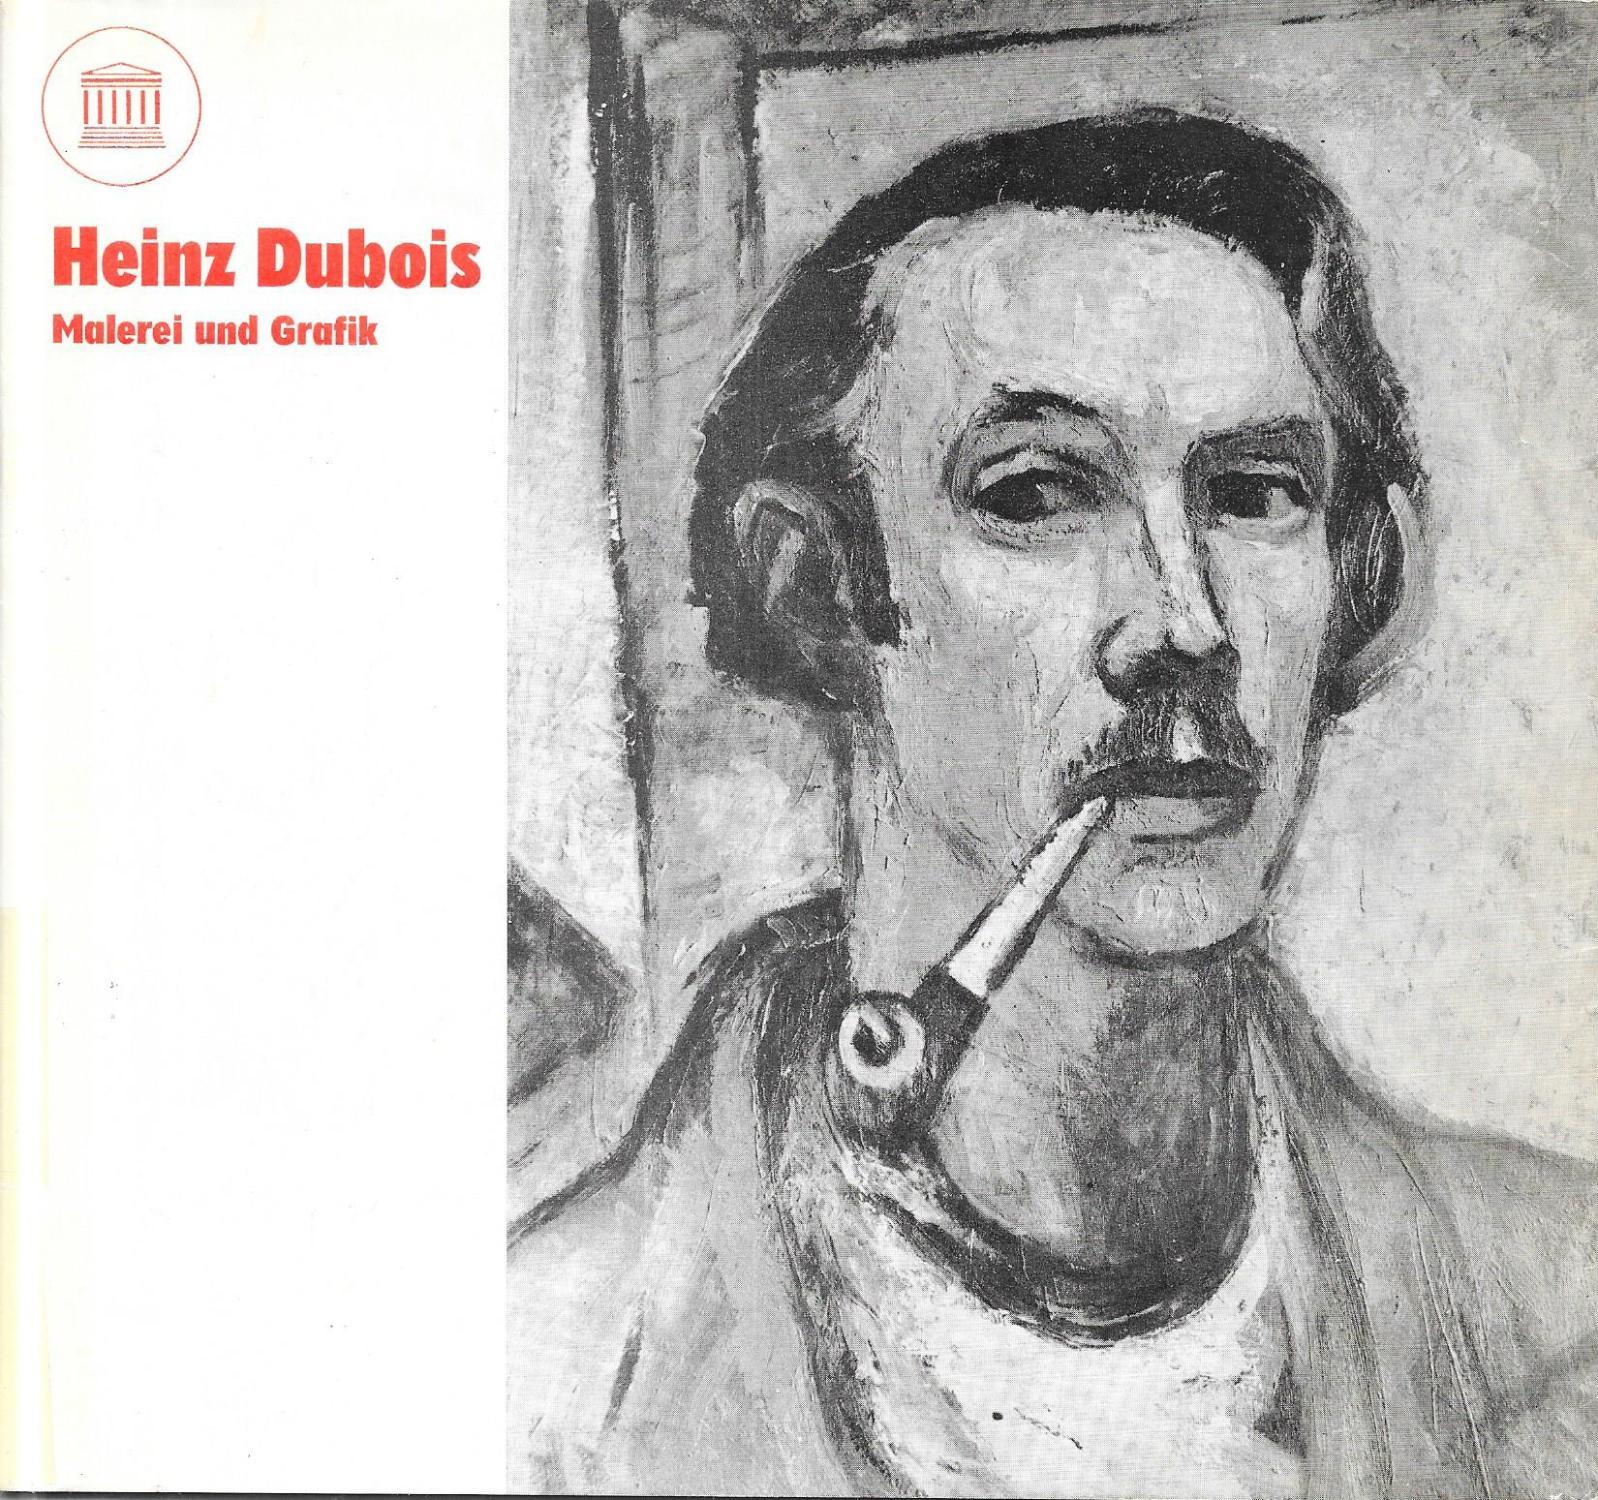 Heinz Dubois 6.8.1914 - 30.5.1966 Malerei und: Staatliches Museum Schwerin